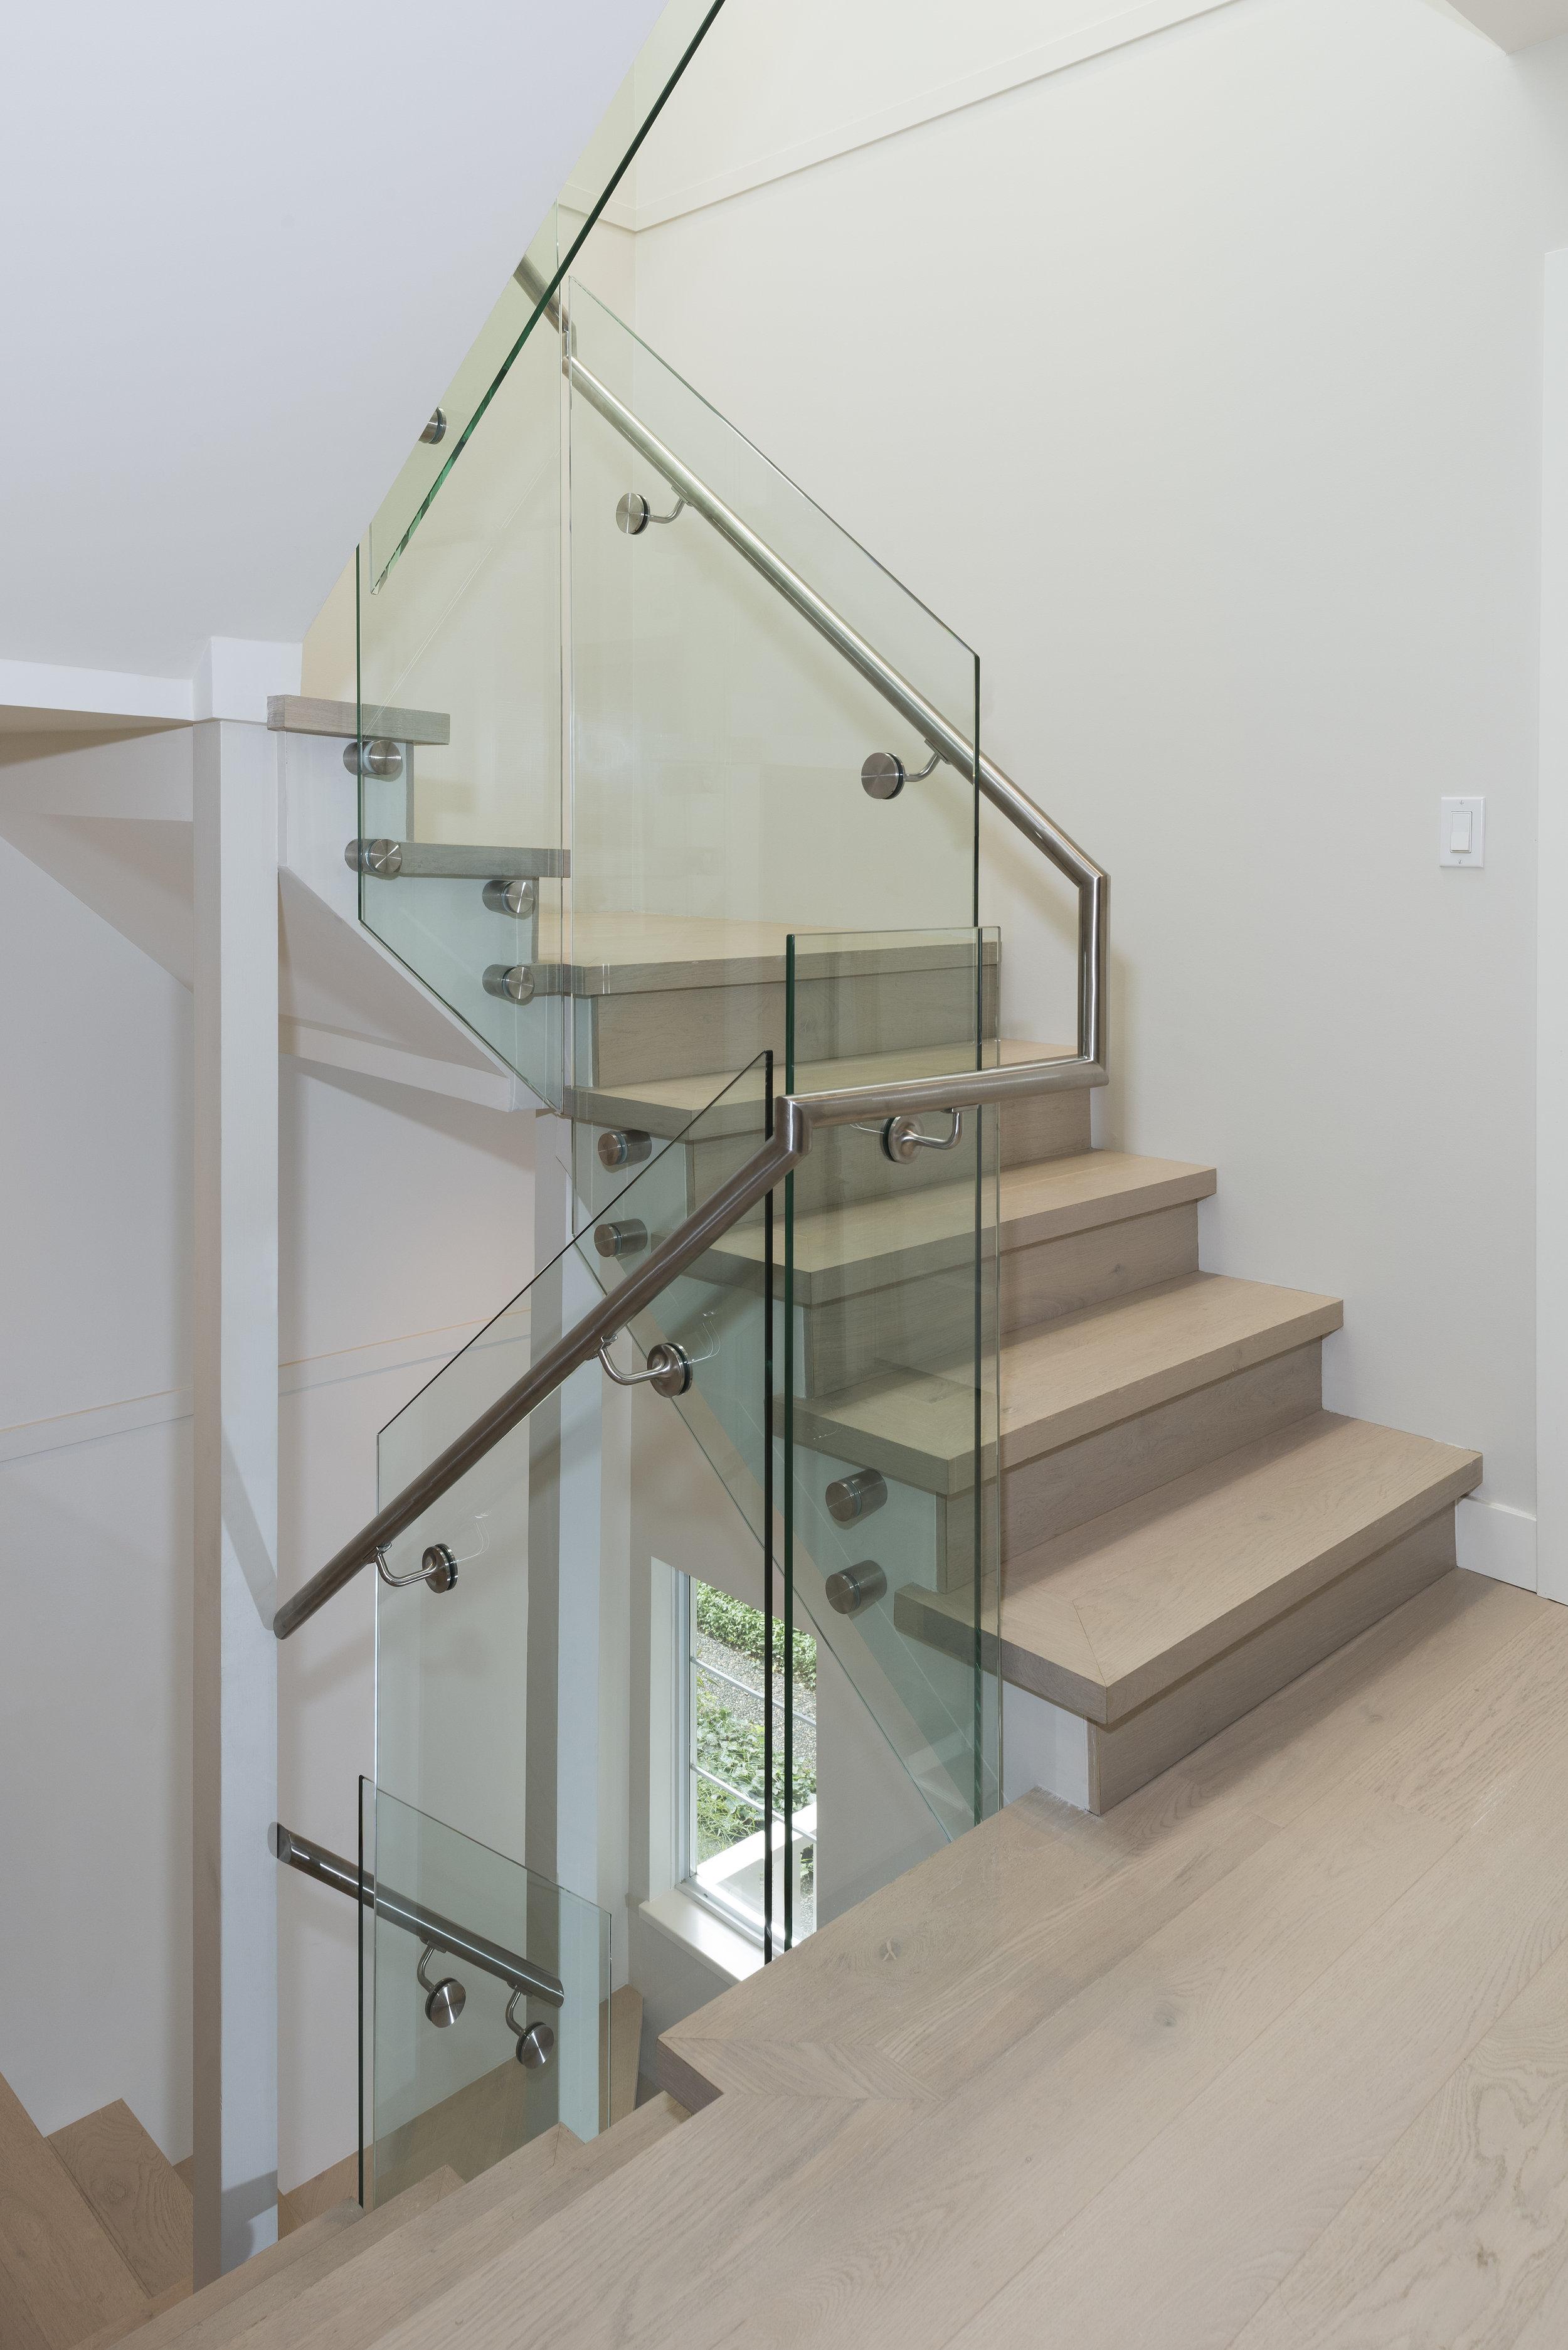 3639W2-Stairs-02A.jpg